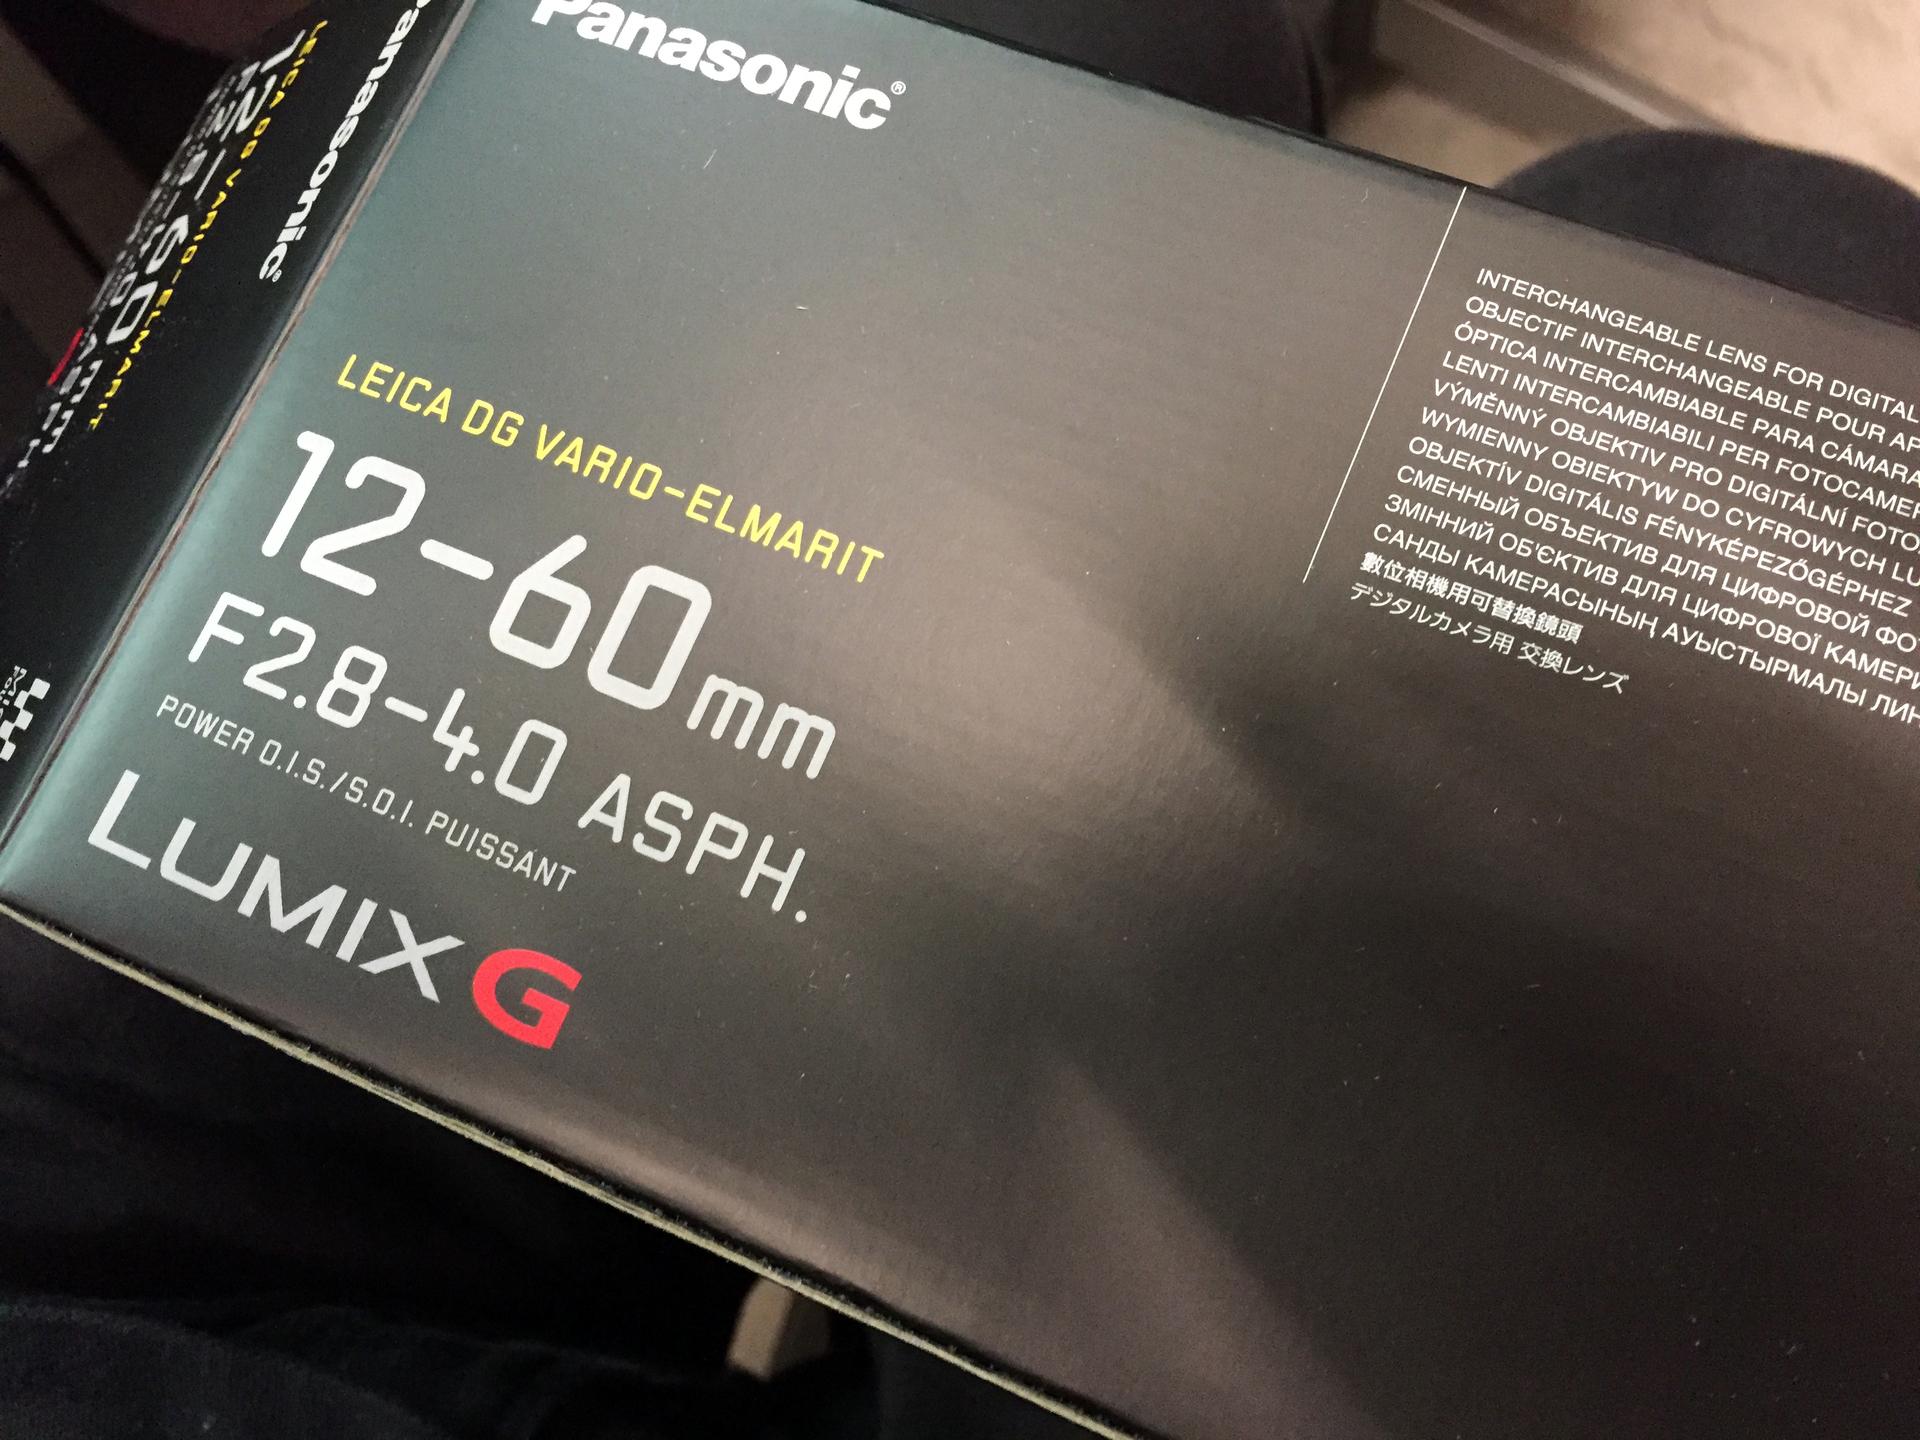 LEICA DG VARIO-ELMARIT 12-60mm F2.8 01.JPG